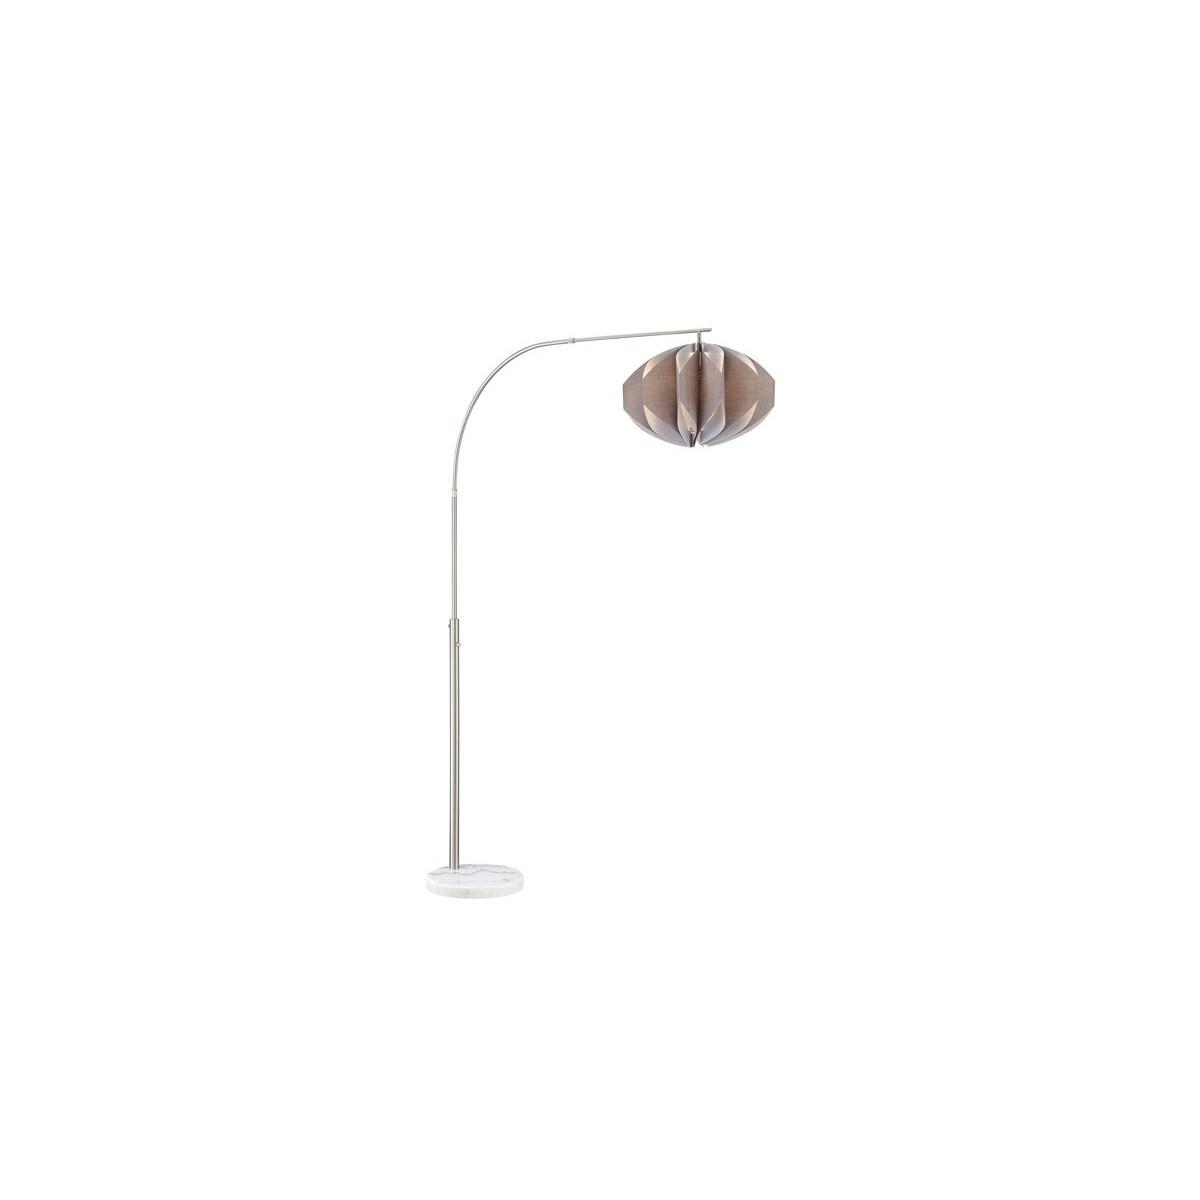 REINA ARC LAMPS